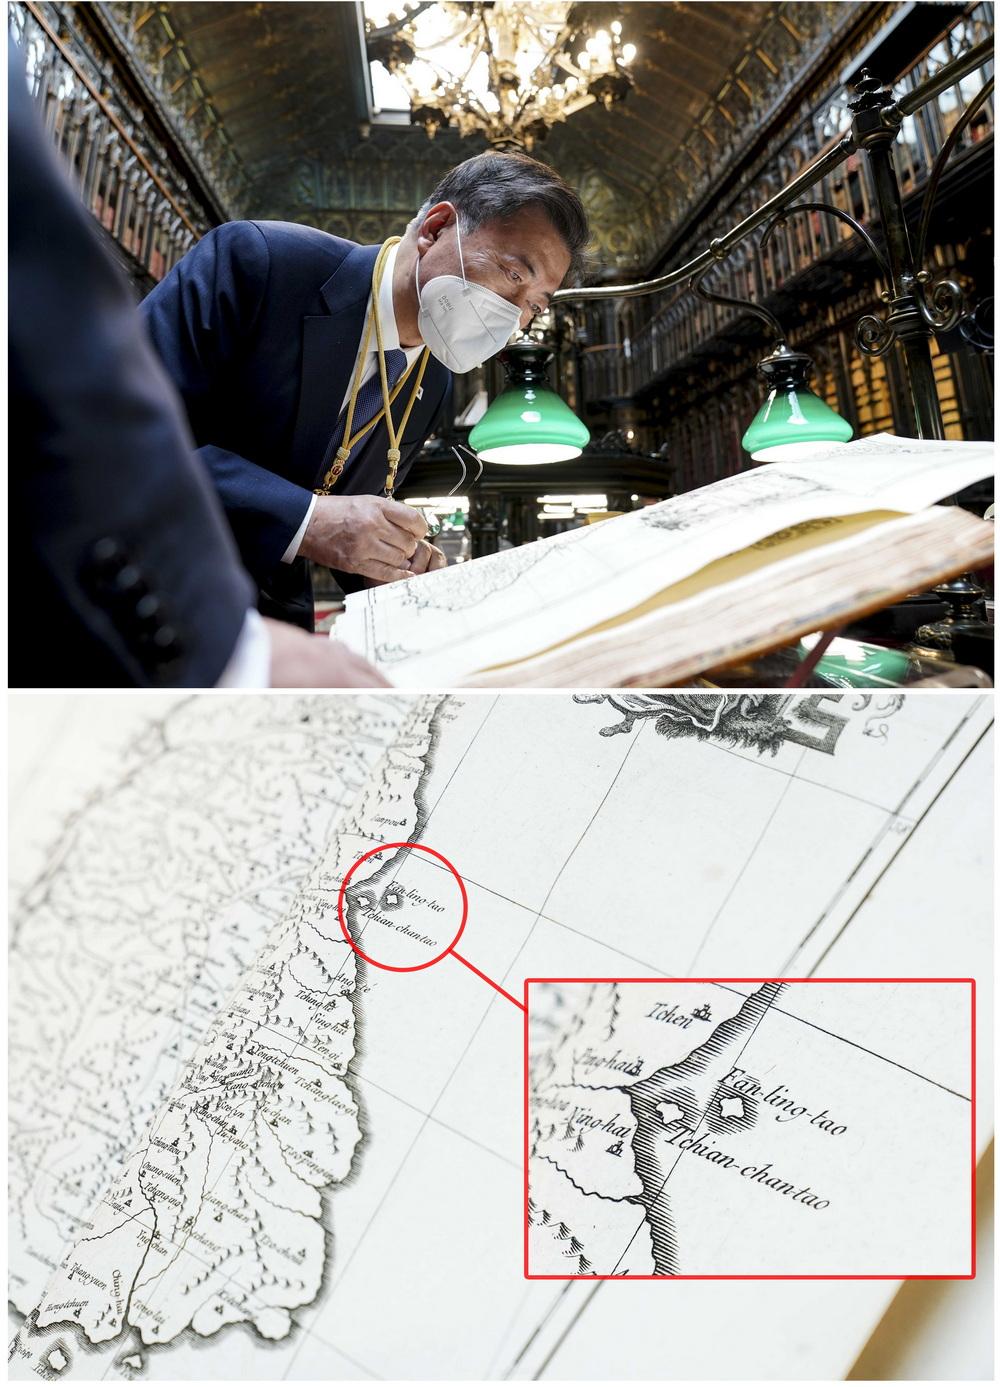 """当地时间2021年6月16日,在西班牙马德里的参议院,文在寅在发表参众两院联合演讲后,参观参议院图书馆,观看《朝鲜王朝全图》。据报道,韩青瓦台发言人朴炅美当天介绍说,文在寅总统观看古地图《朝鲜王国全图》时,发现能证明独岛(日称""""竹岛"""")是韩国领土的珍贵史料。"""